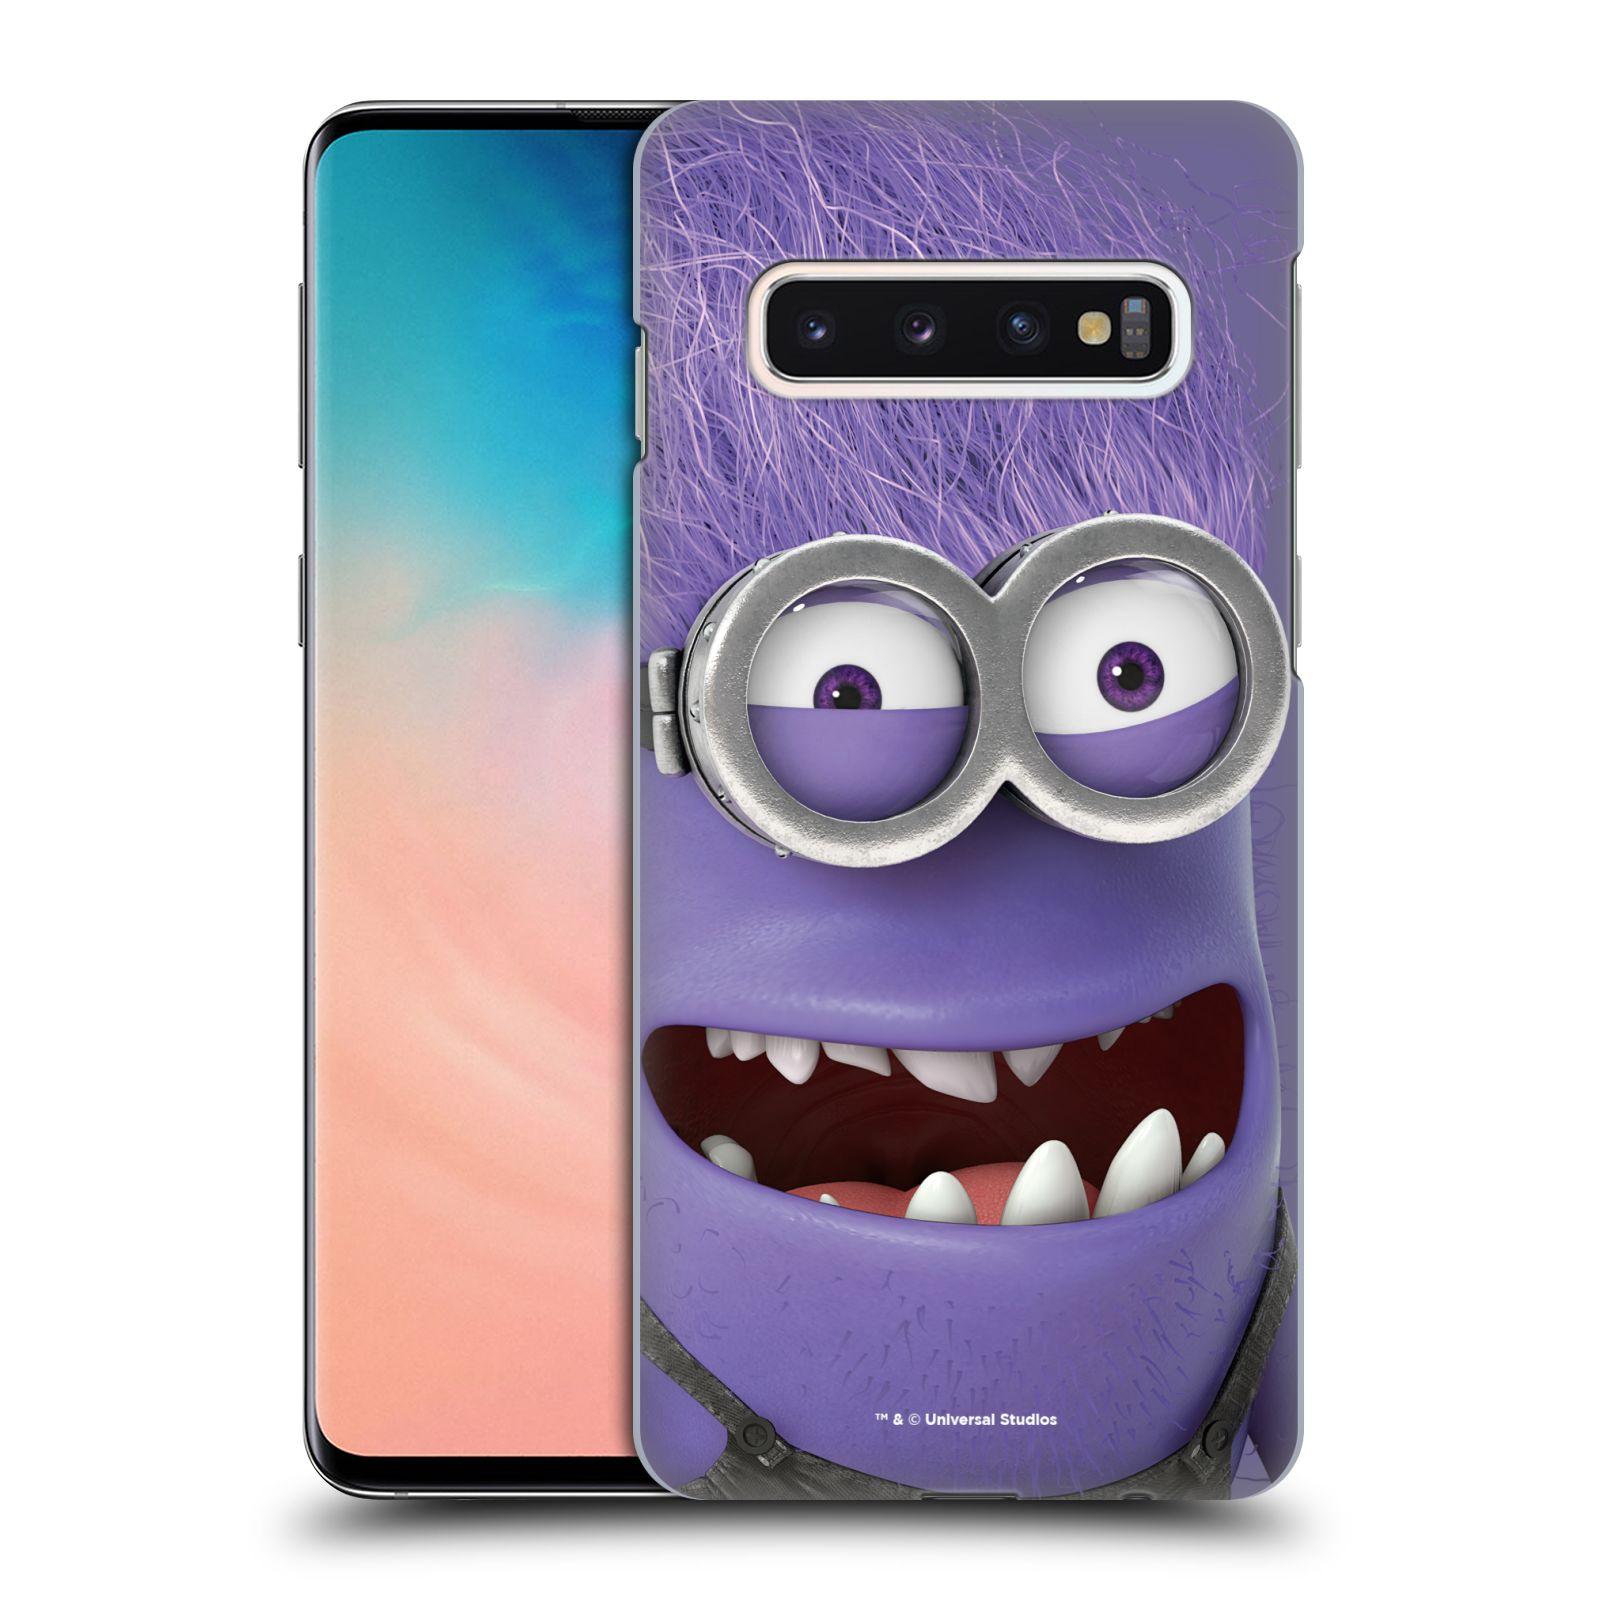 Plastové pouzdro na mobil Samsung Galaxy S10 - Head Case - Zlý Mimoň z filmu Já, padouch - Despicable Me